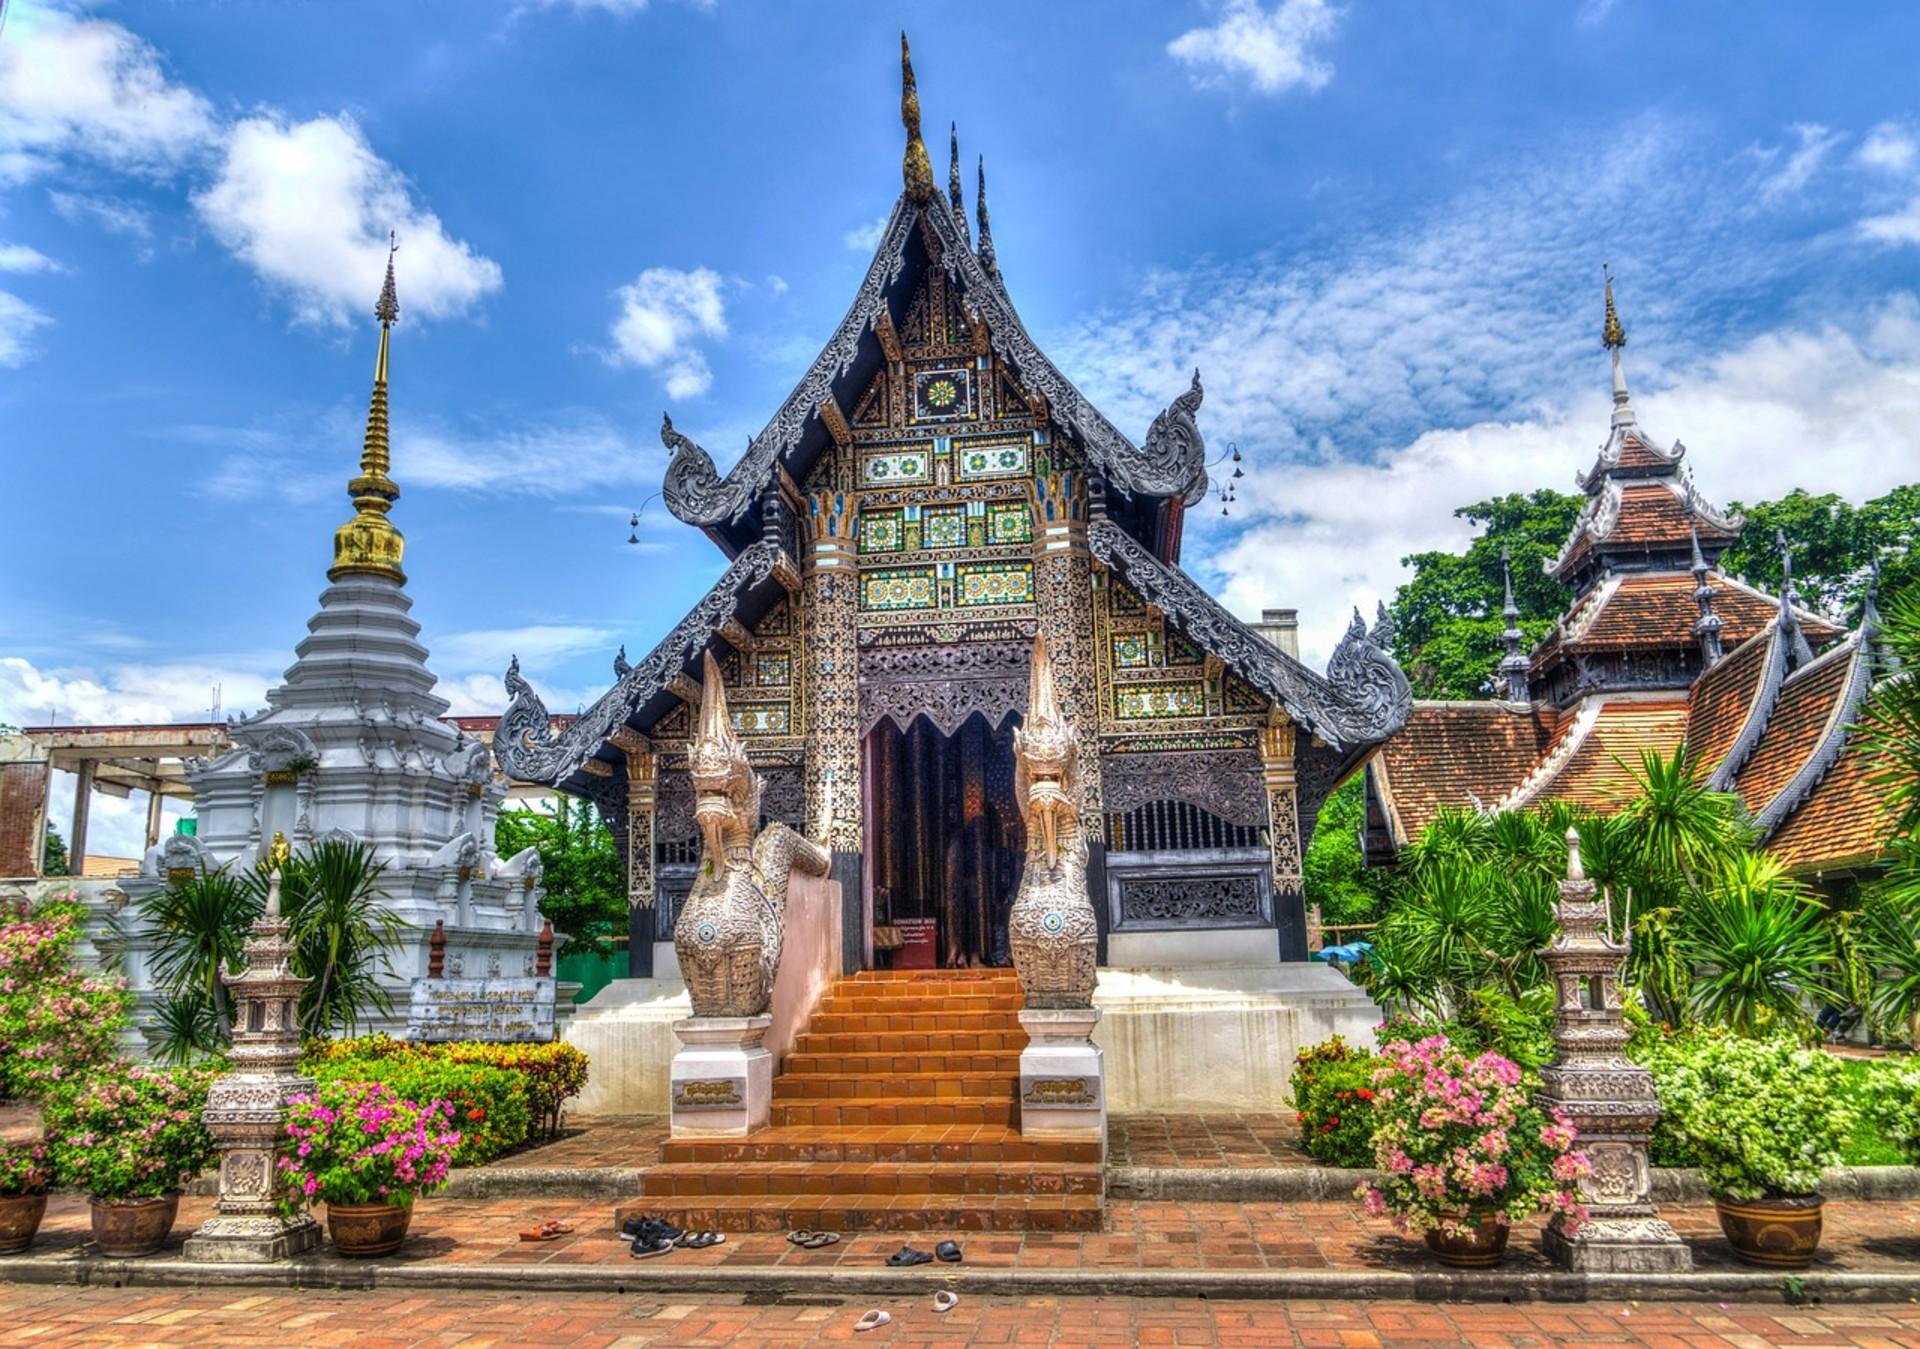 chiang-mai-1670926_1280.jpg